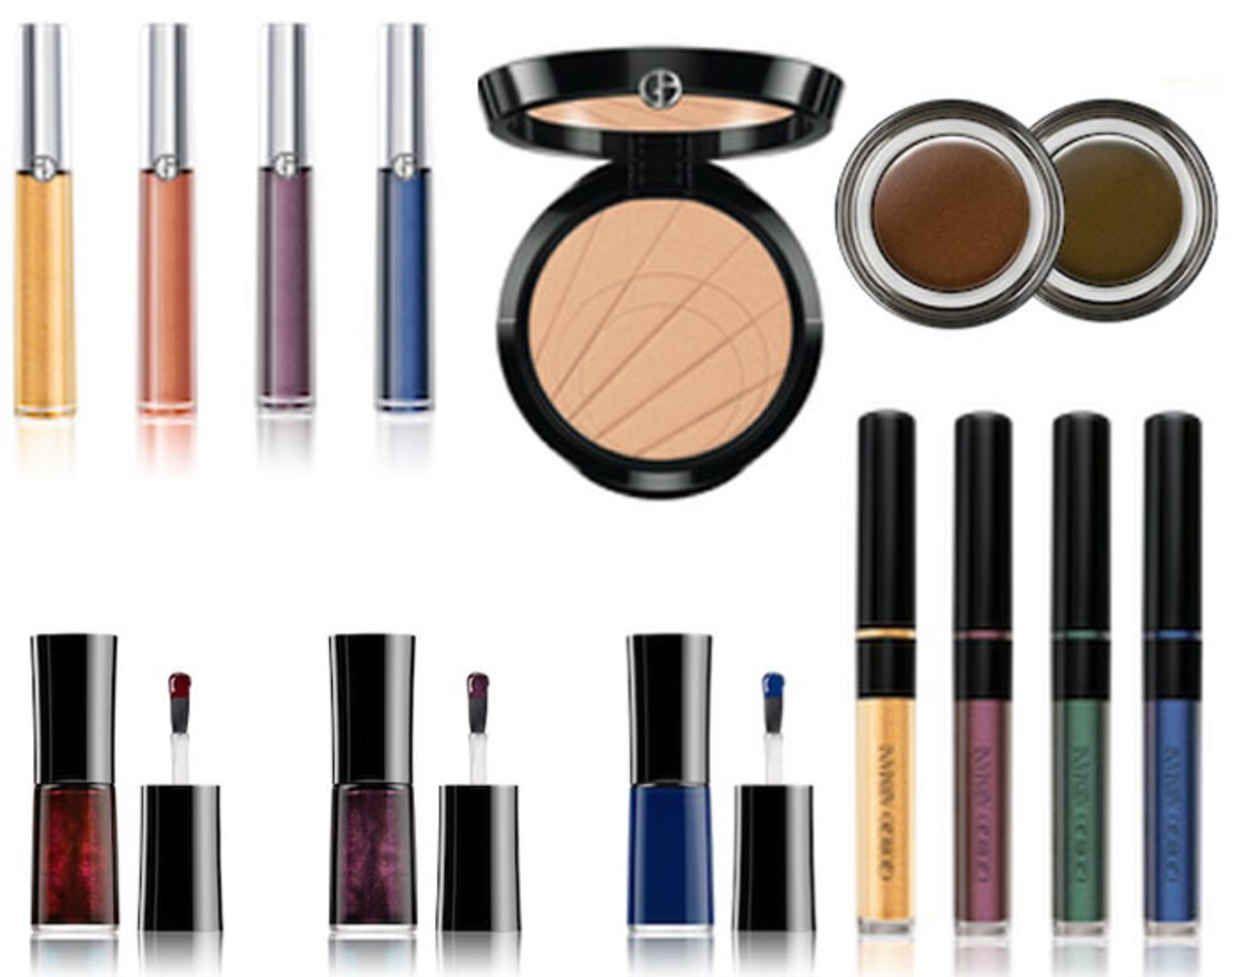 Armani giorgio eclipse summer makeup collection photos